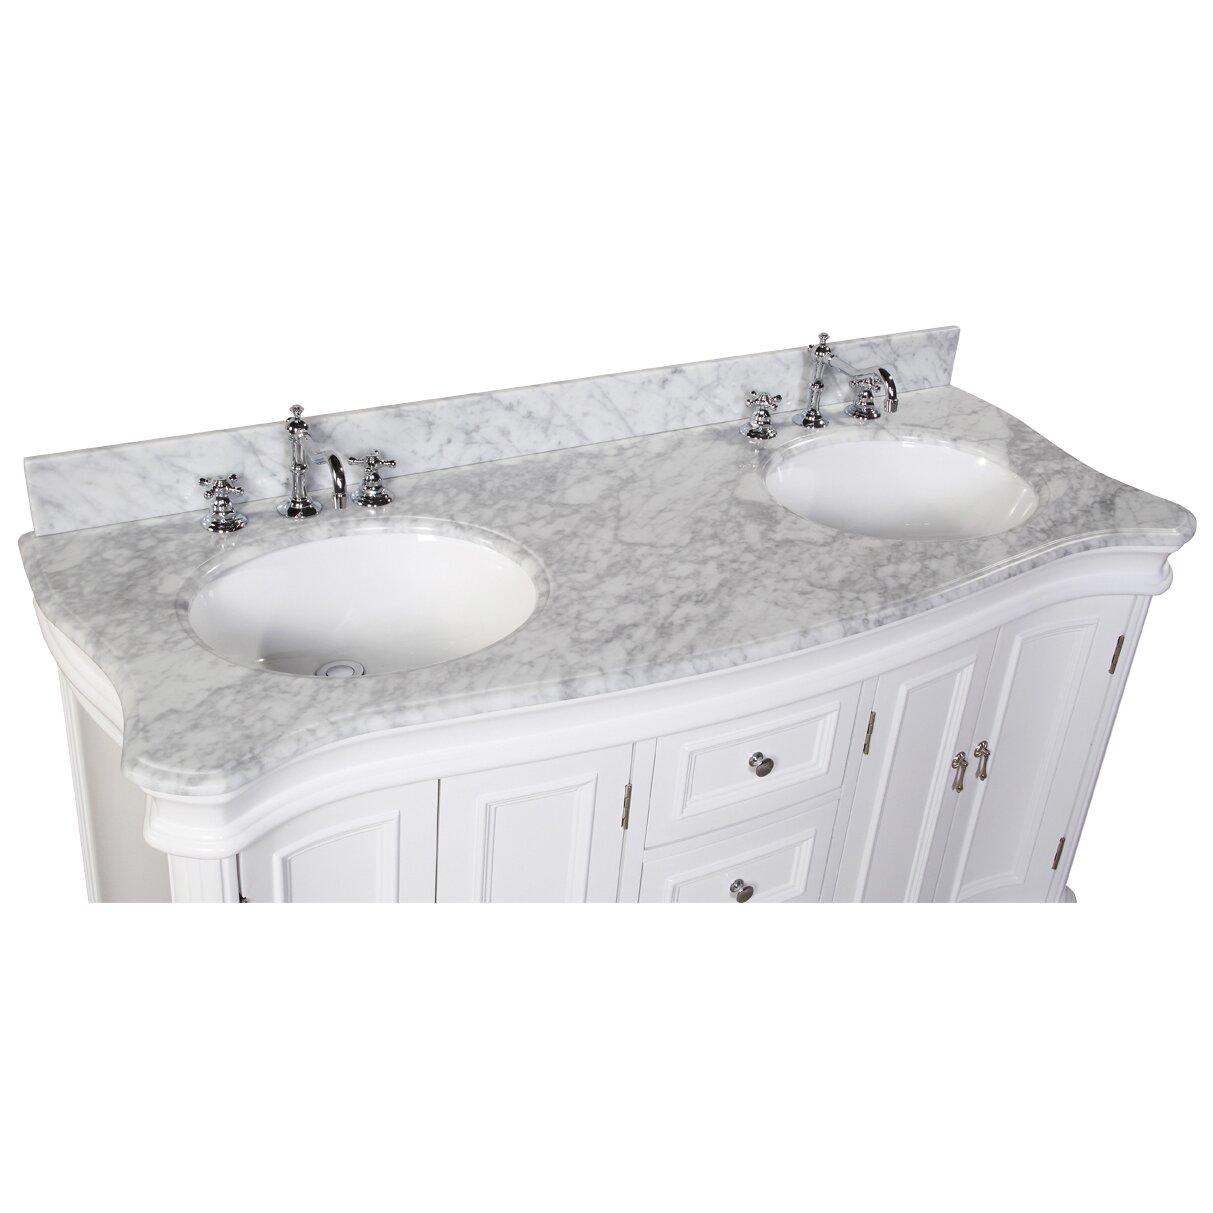 KBC Katherine  Double Bathroom Vanity Set  Reviews Wayfair - White bathroom vanity with sink